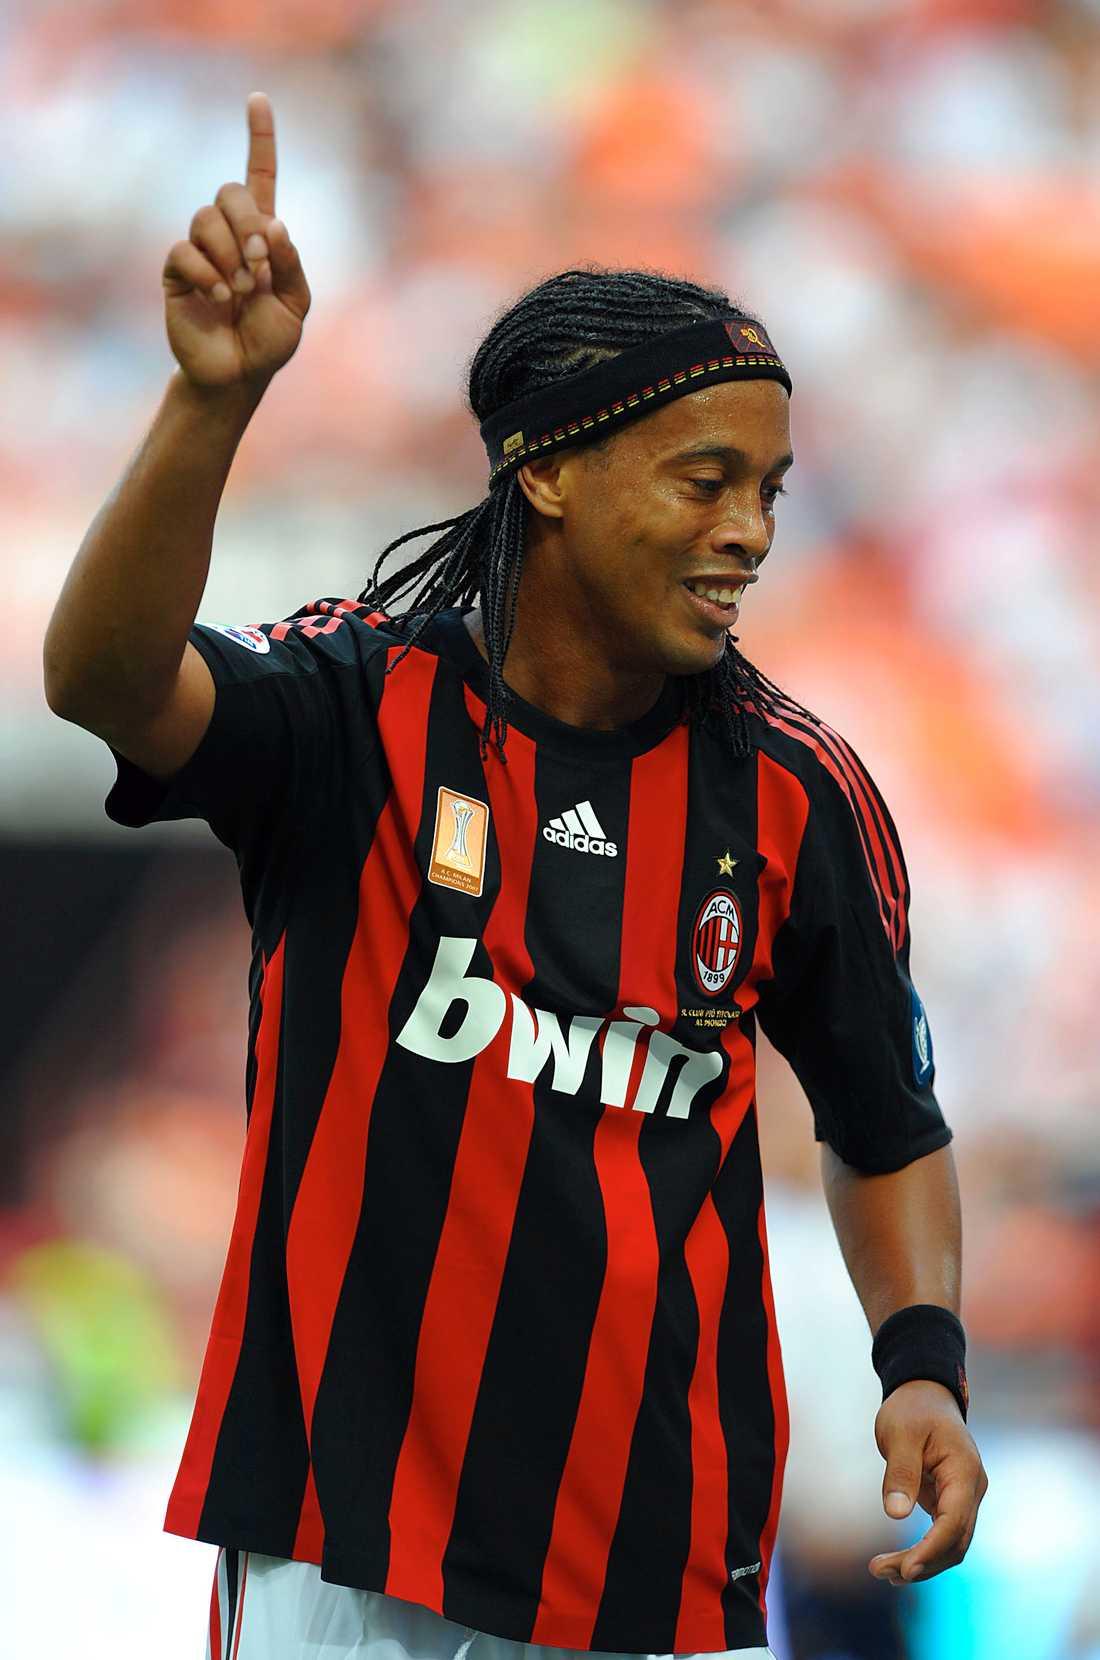 Rivalernas stora stjärna, Ronaldinho, gjorde Adriano sällskap i nattlivet.